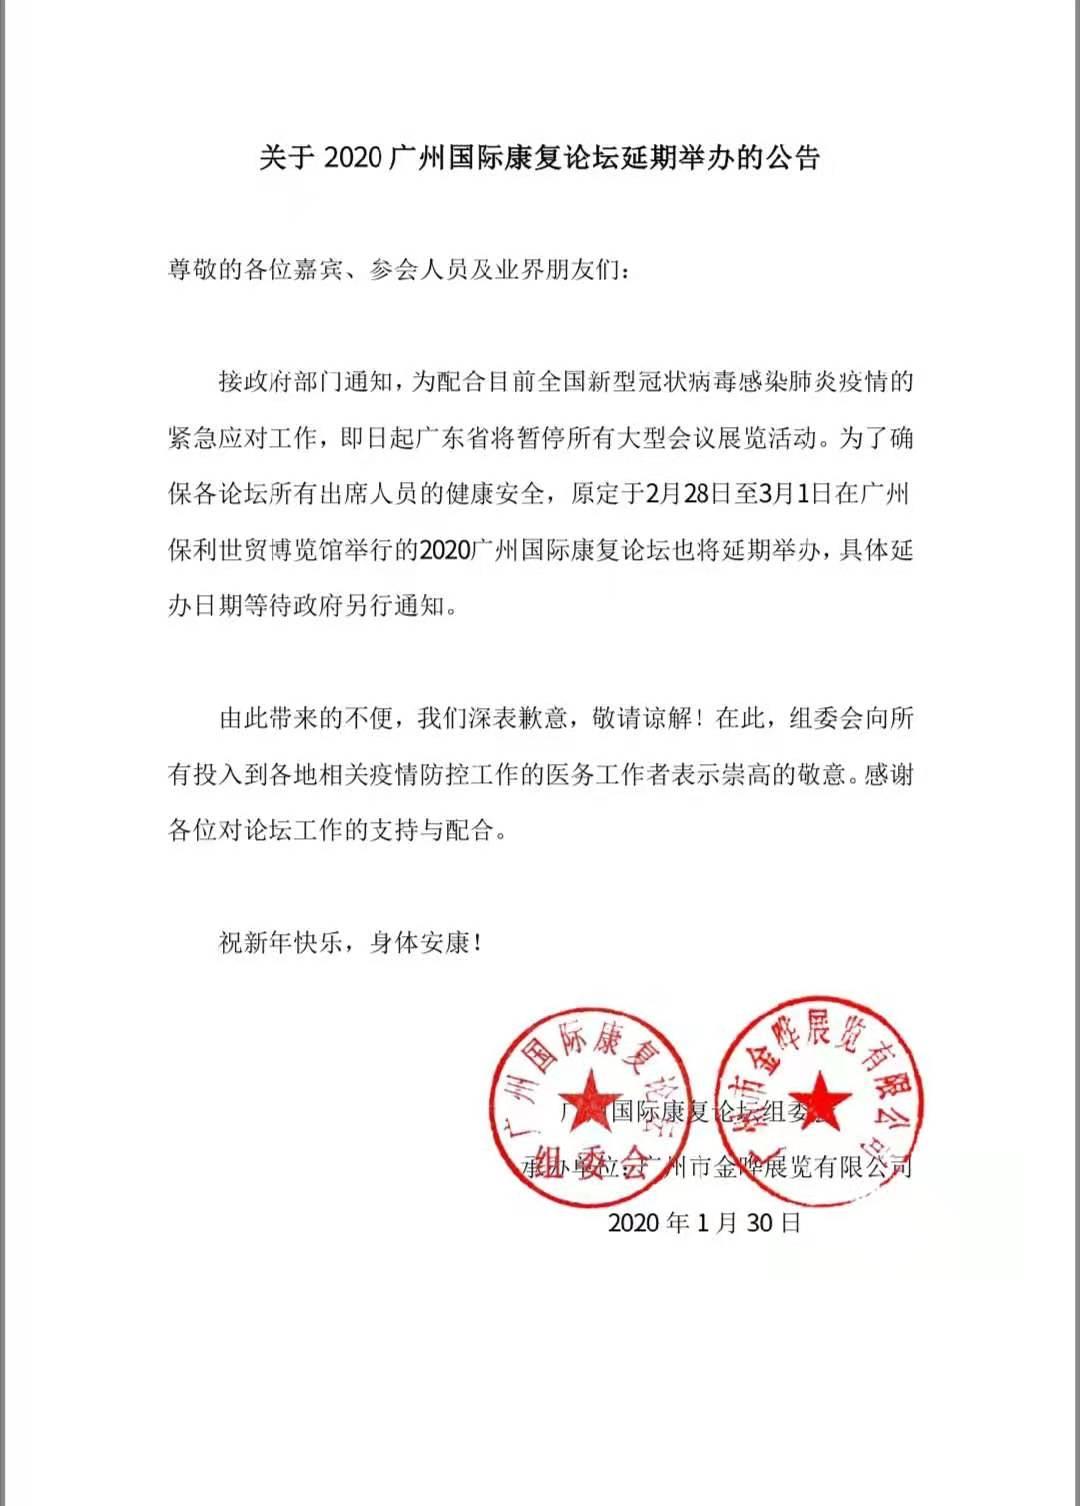 关于2020广州国际康复论坛延期举办的公告